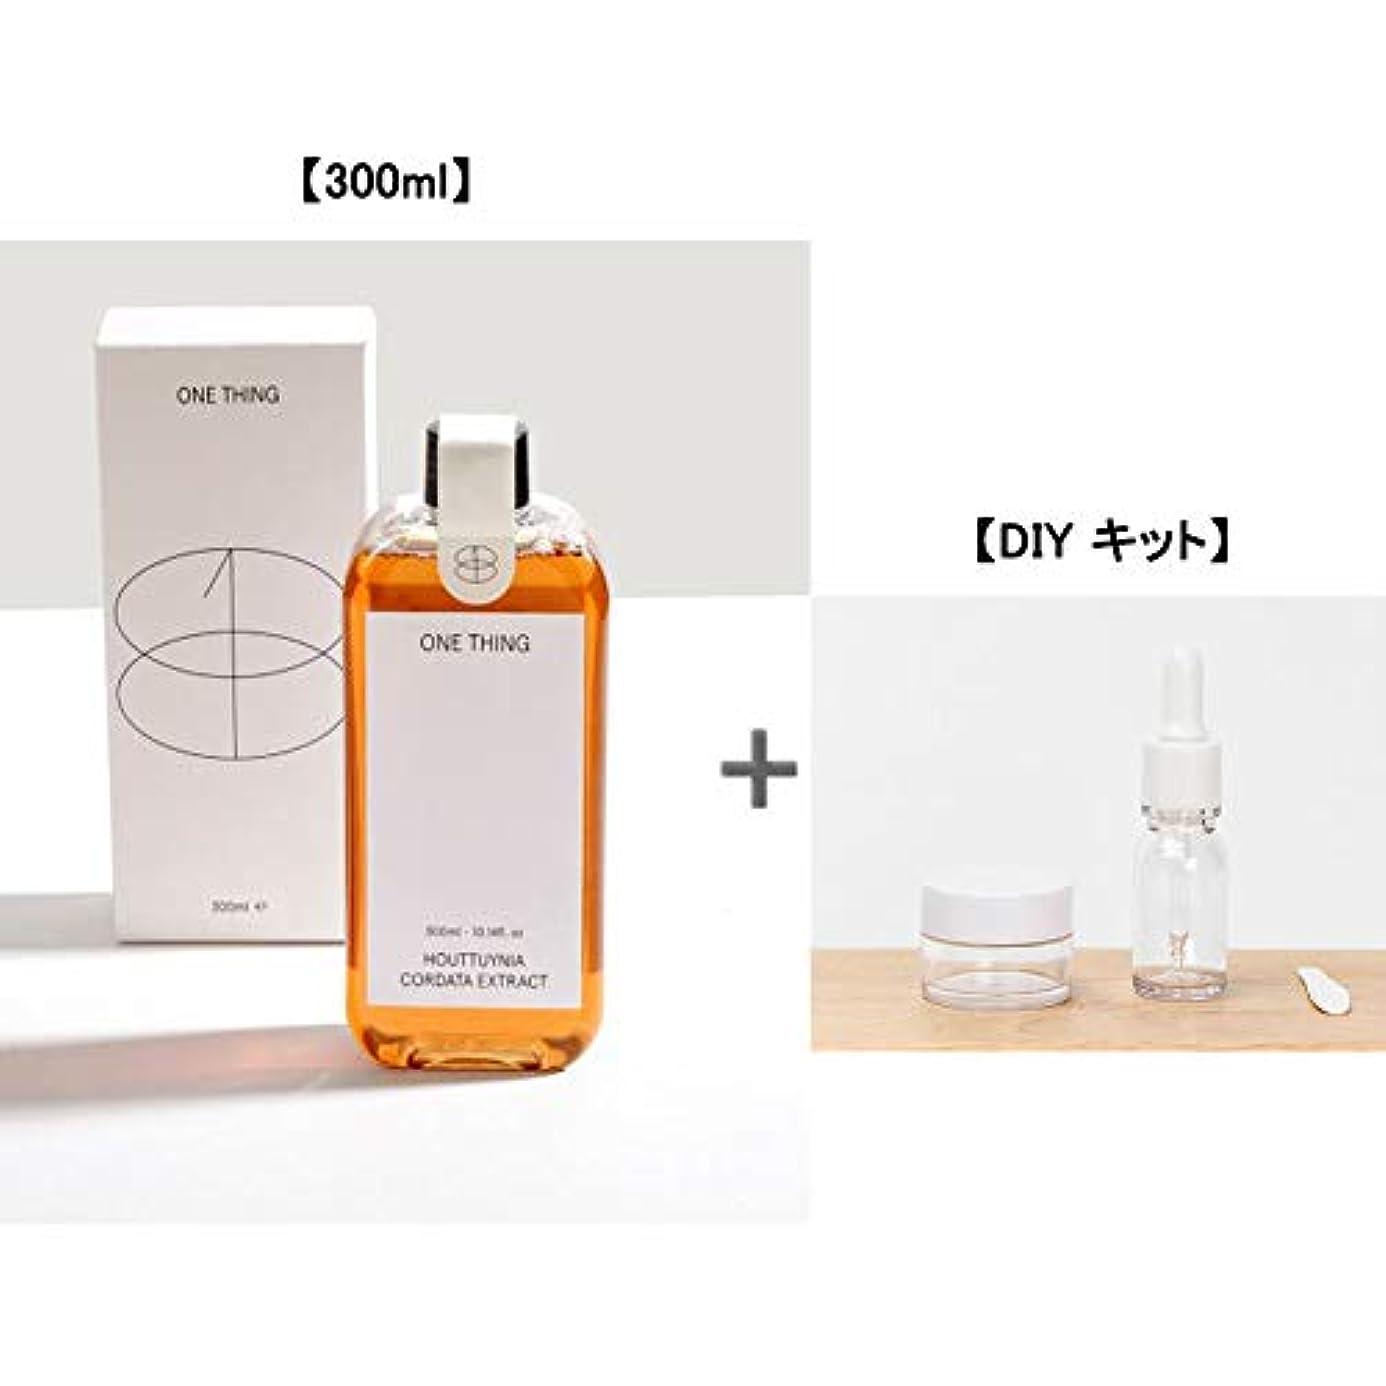 補充謎めいたアフリカ[ウォンシン]ドクダミエキス原液 300ml /トラブル性肌、頭皮ケアに効果的/化粧品に混ぜて使用可能[並行輸入品] (ドクダミ 原液 300ml + DIY 3 Kit)